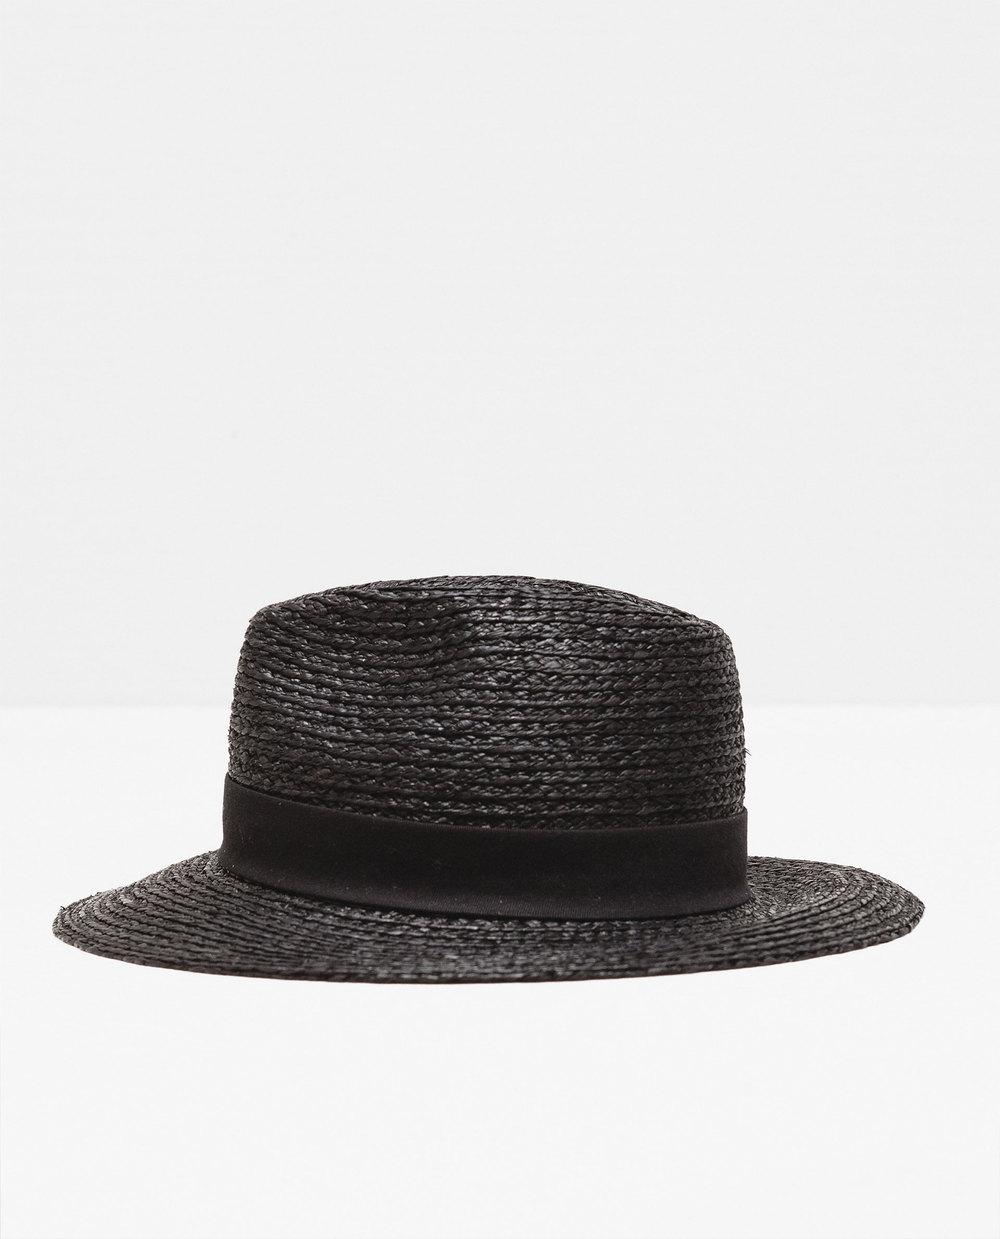 zara black straw hat beach.jpg